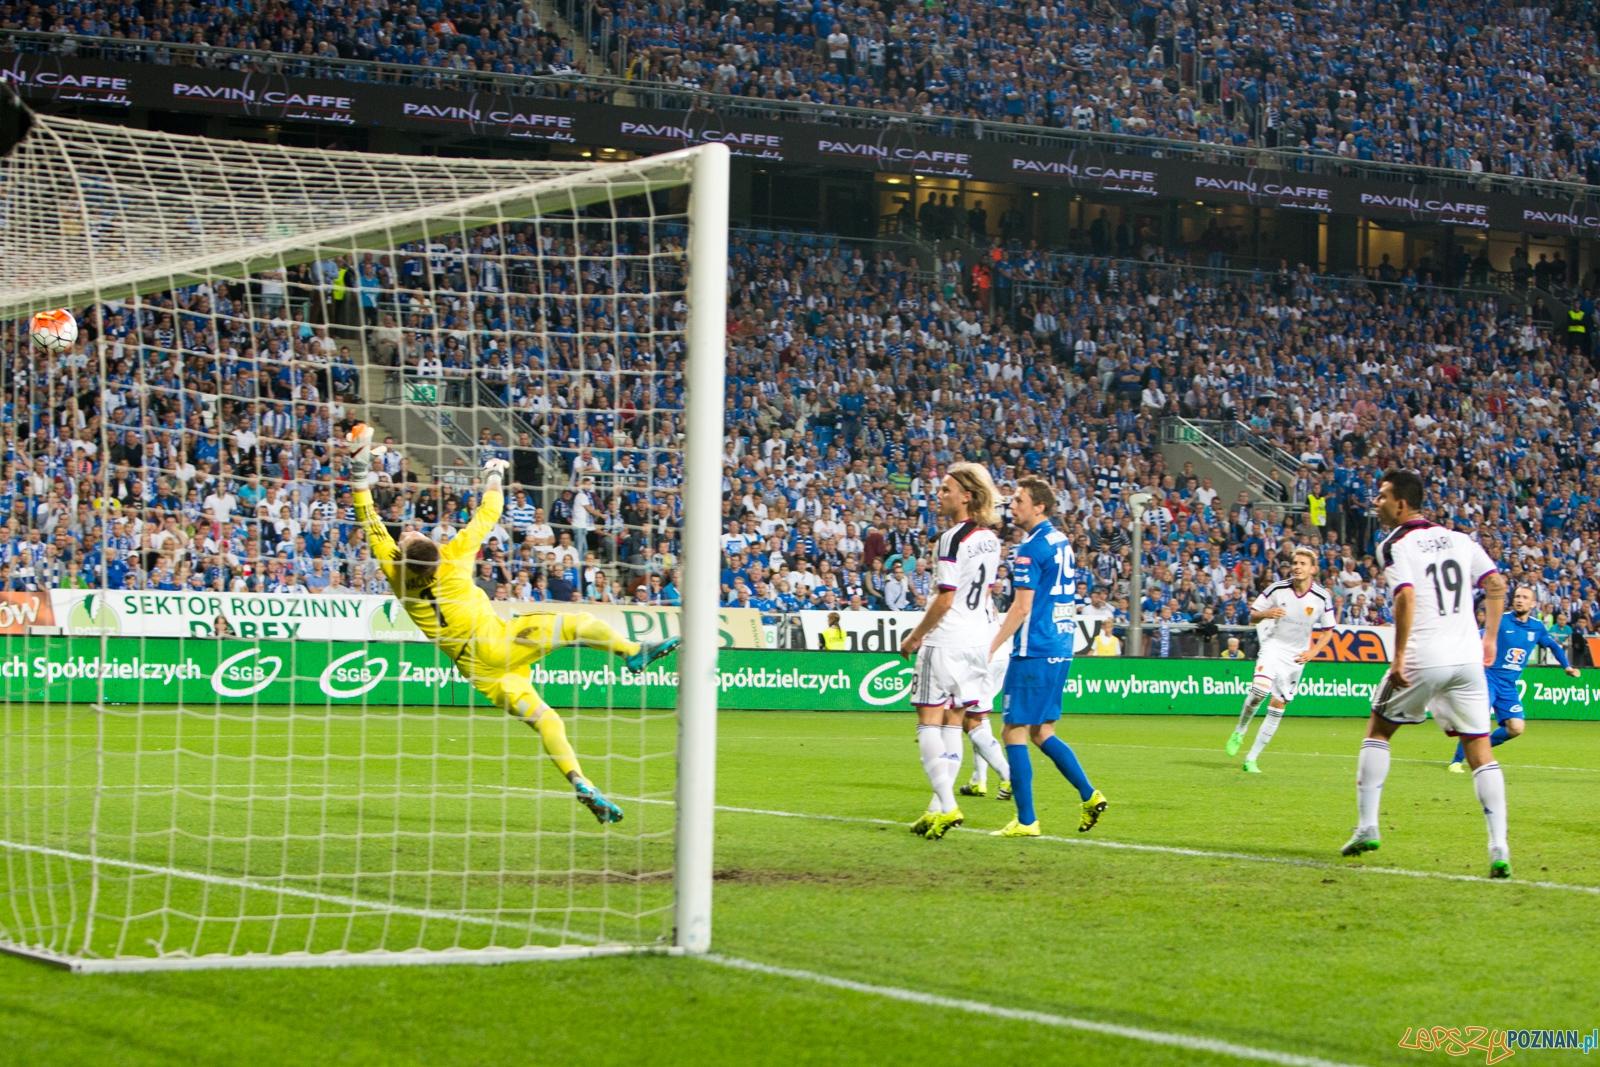 III runda eliminacji Ligi Mistrzów - Lech Poznań - FC Basel  Foto: lepszyPOZNAN.pl / Piotr Rychter